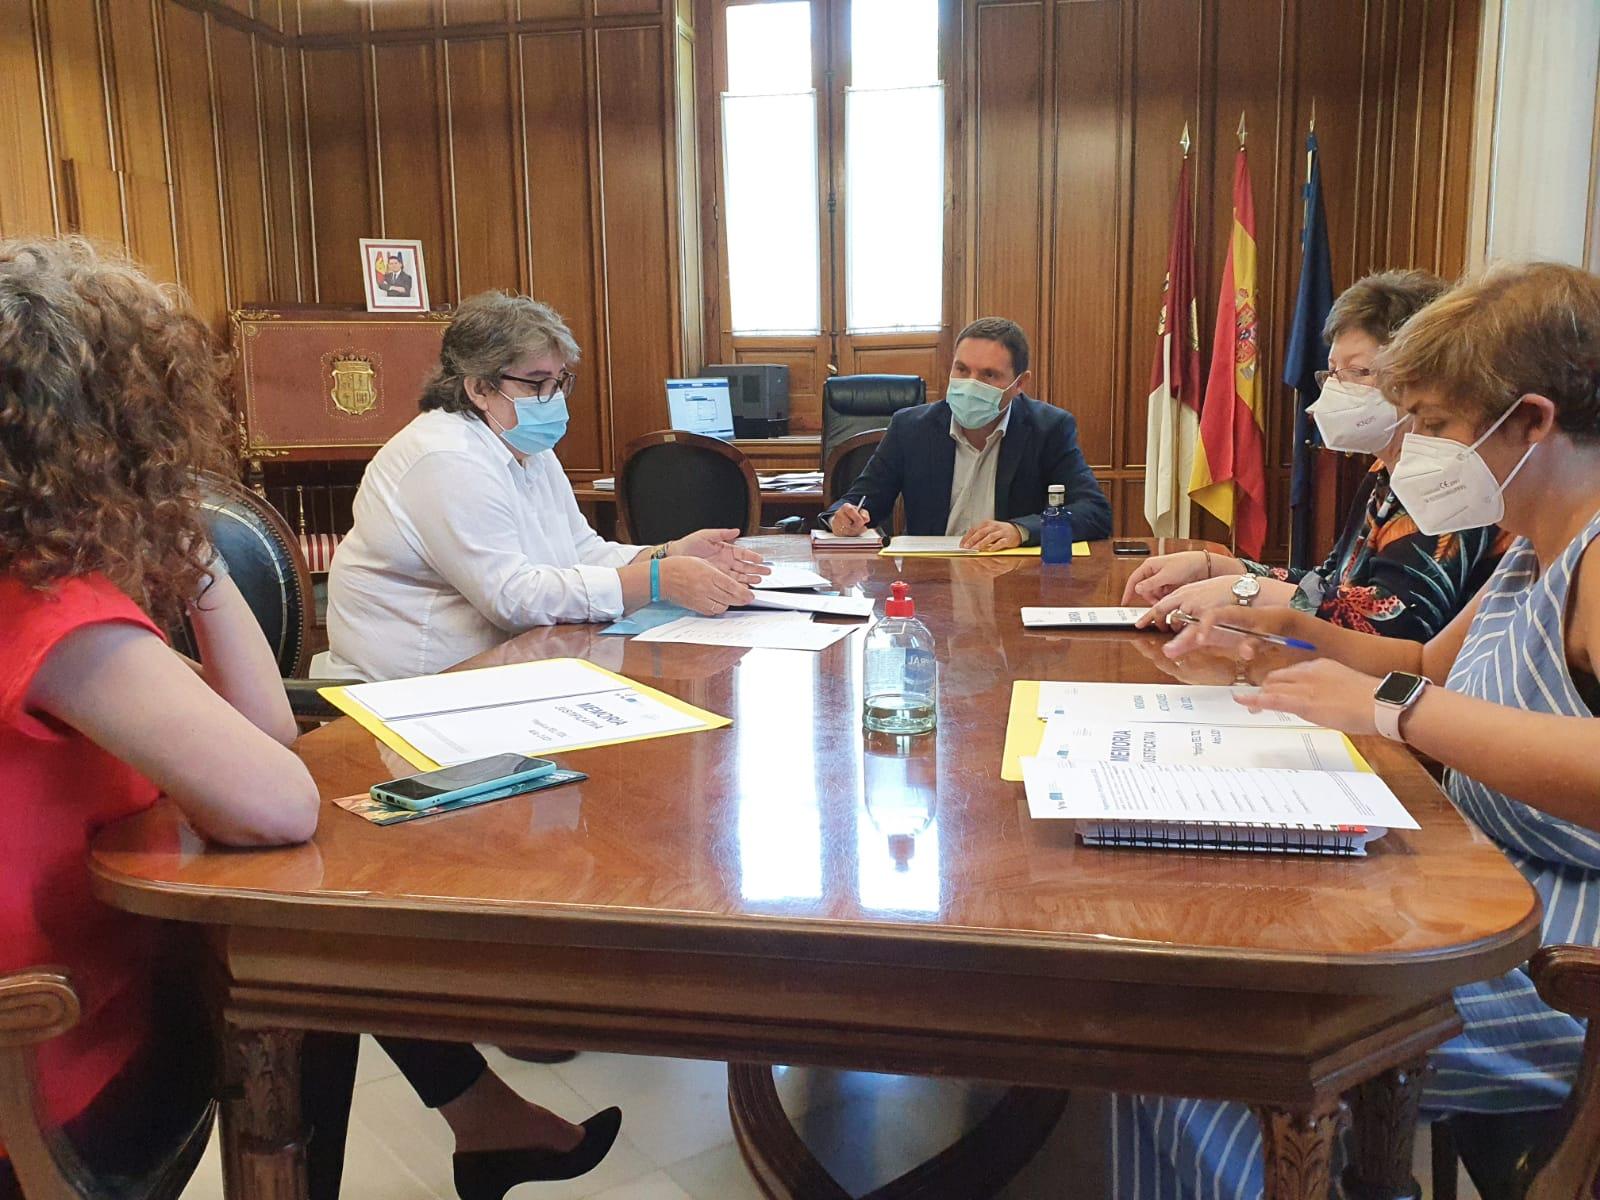 La Diputación trabajará con ATELCU para integrar a las personas que padecen Trastorno del Desarrollo del lenguaje